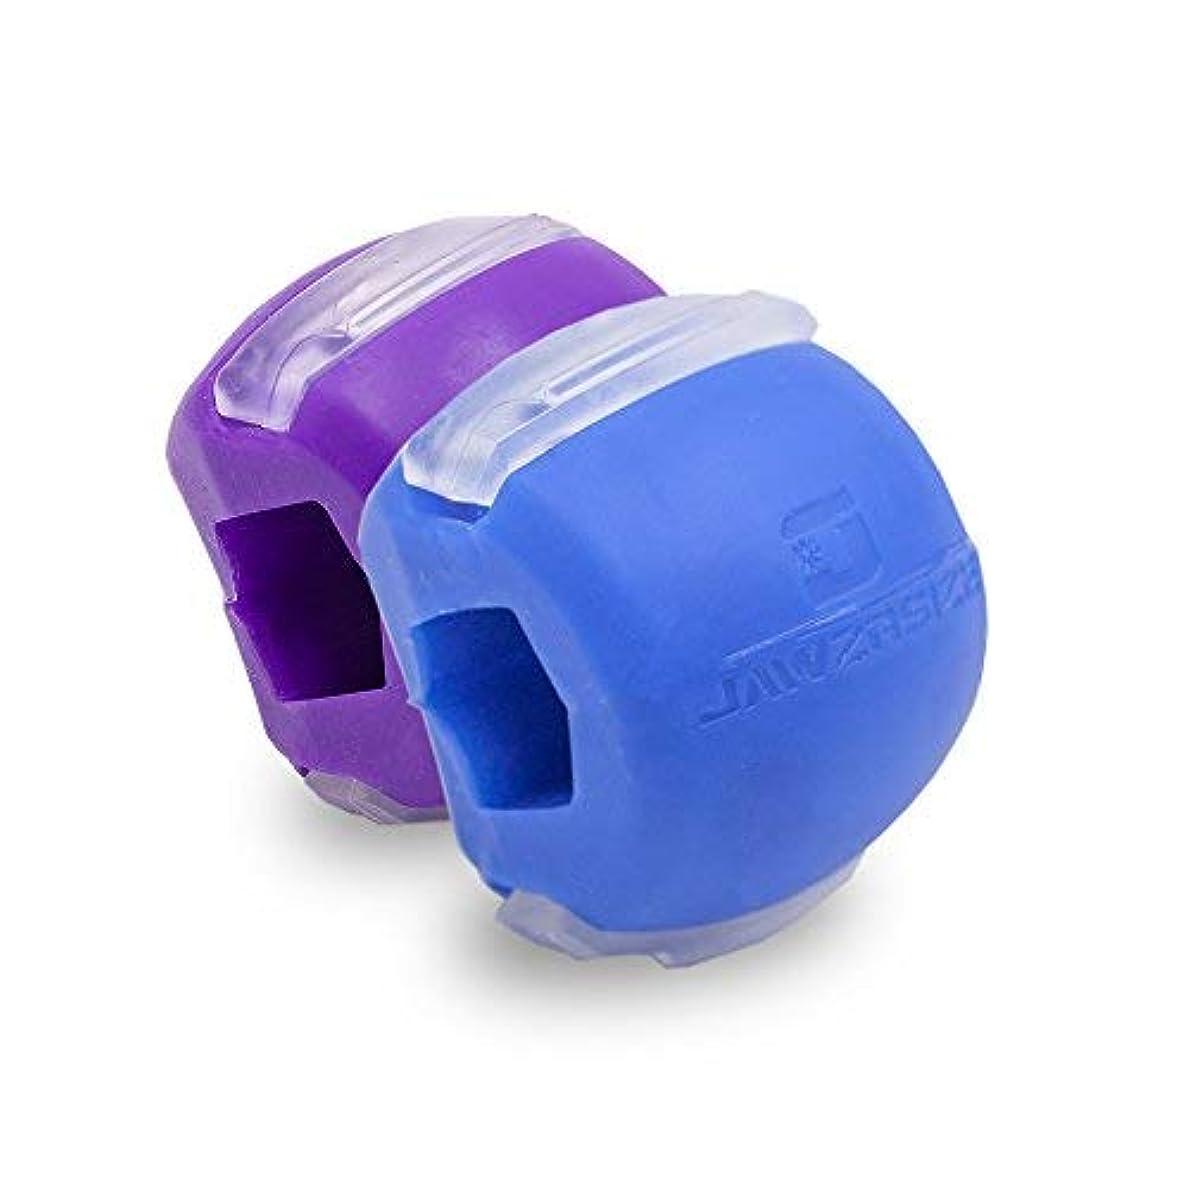 恋人必要としているみがきますJawzrsize フェイストナー、ジョーエクササイザ、ネックトーニング装置 (20/40 Lb. 抵抗) 2パック - レベル1と2 - 青/紫